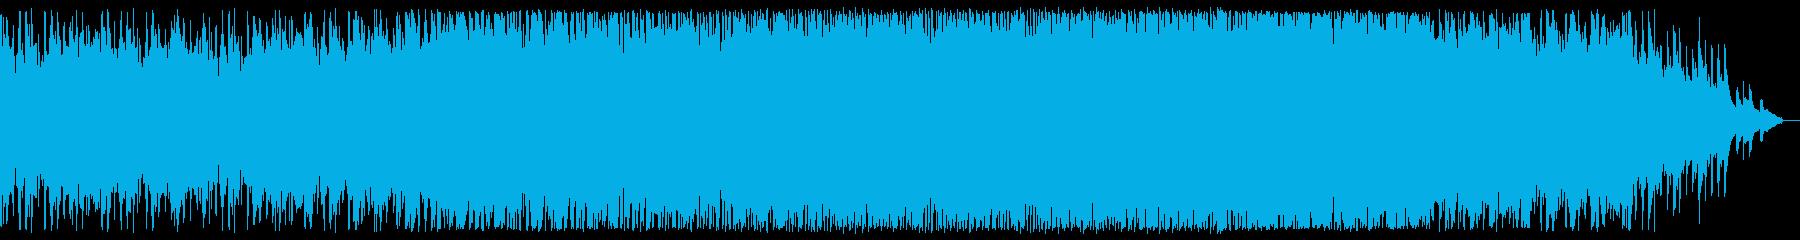 浮遊する感動的なチルアウトシンフォニー。の再生済みの波形